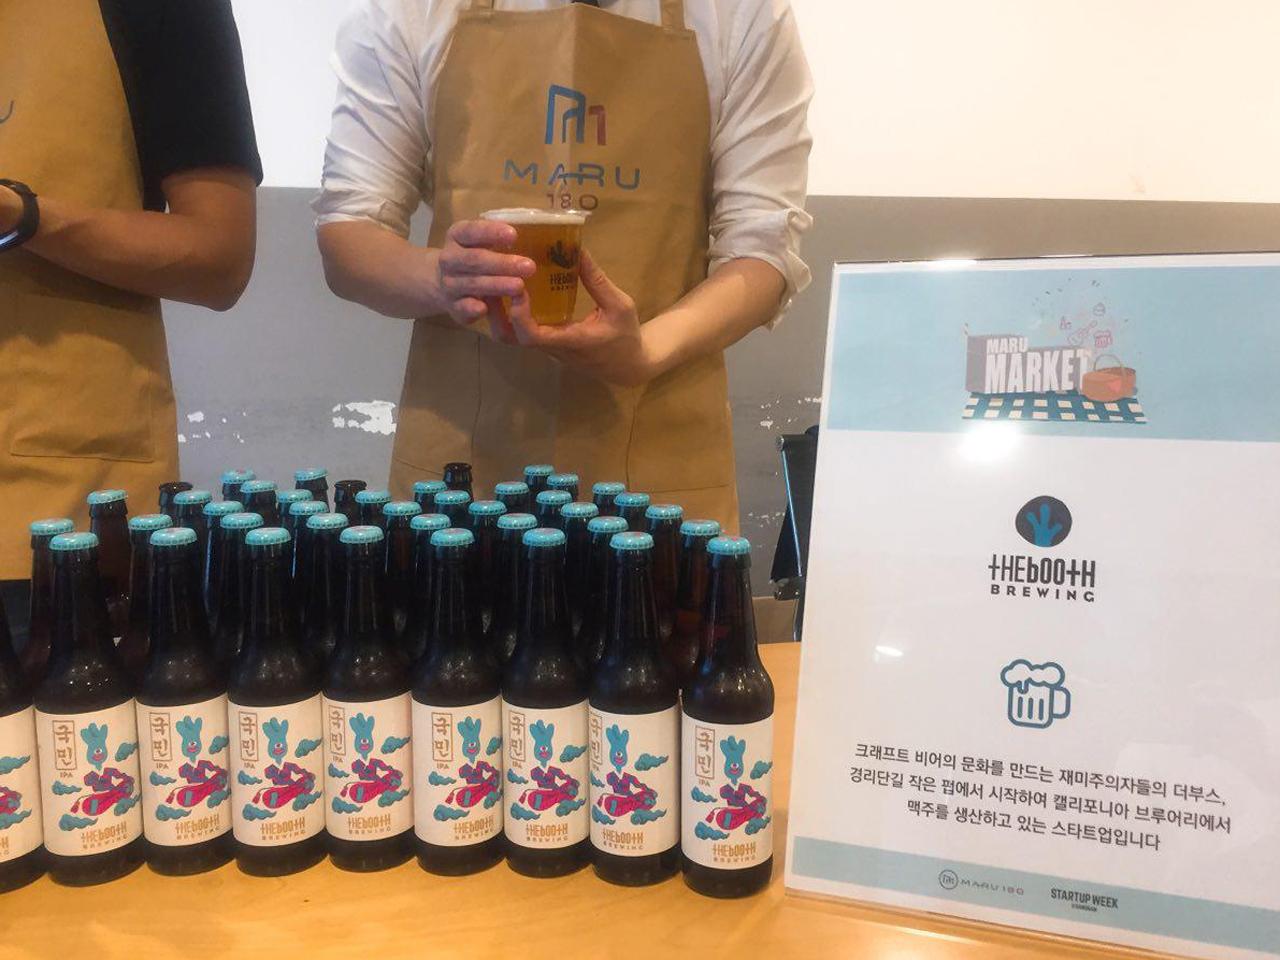 23일 저녁 강남 '마루 180'에서 열린 '마루마켓'에서 '더부스'가 수제 맥주를 무료로 제공하고 있다.